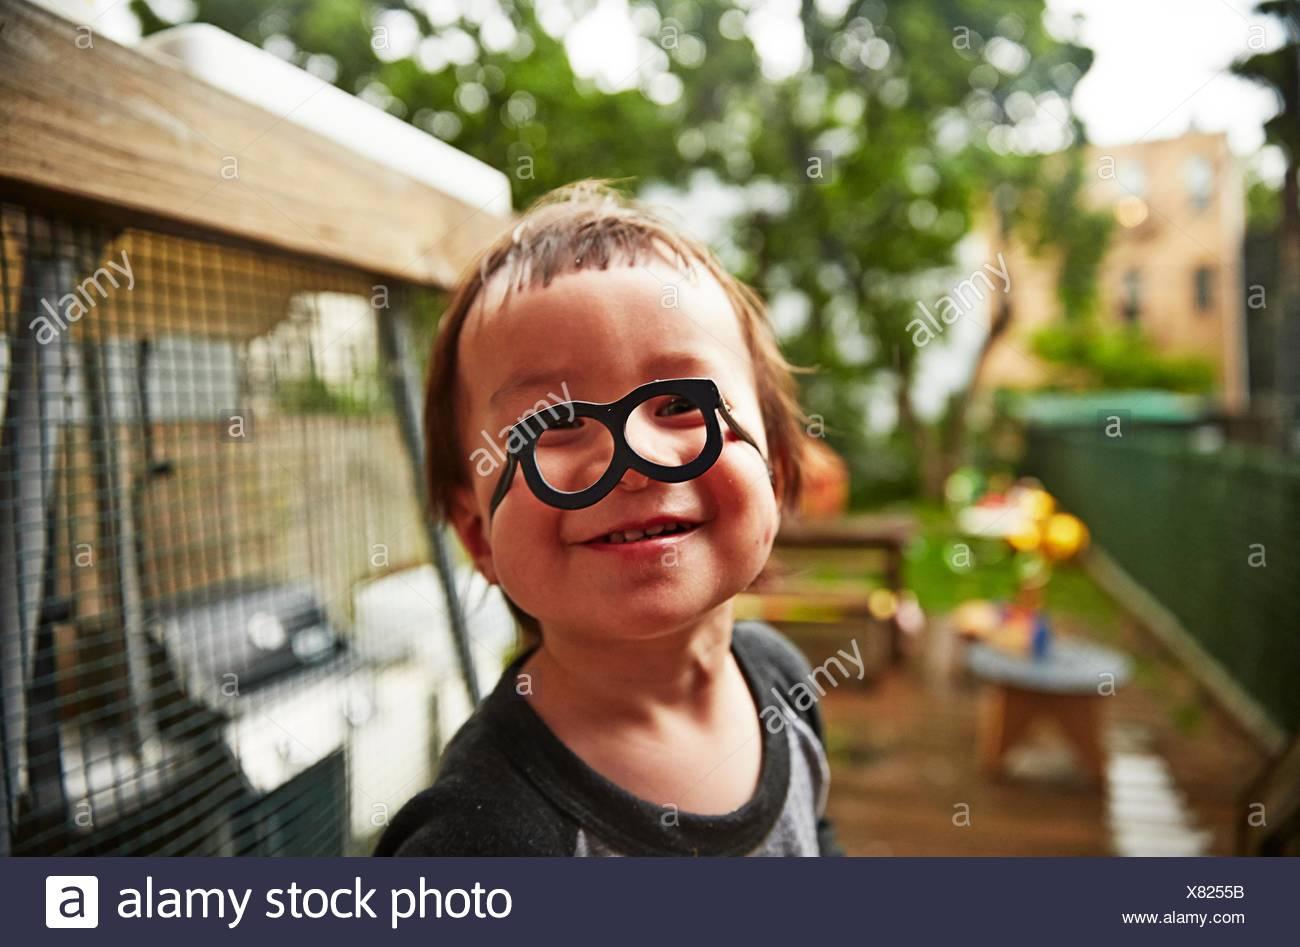 Junge mit lustigen Brillen im Garten Stockbild